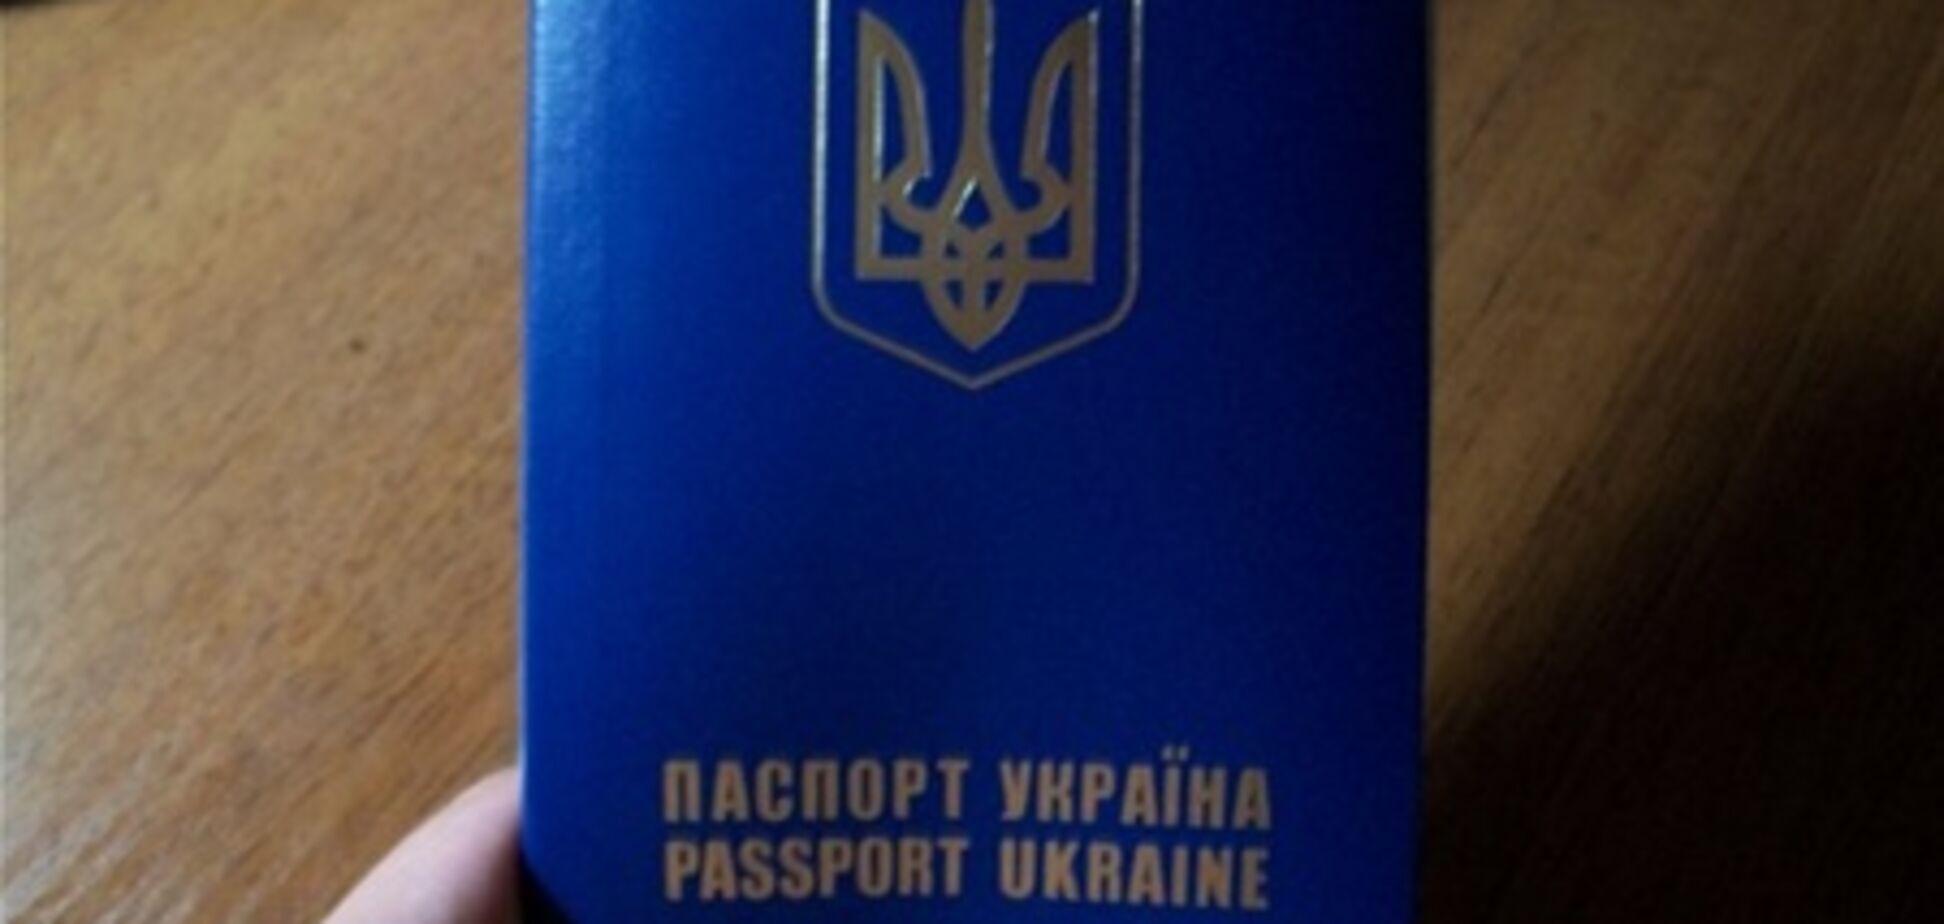 В Україні закордонні паспорти видаватимуть з 16 років